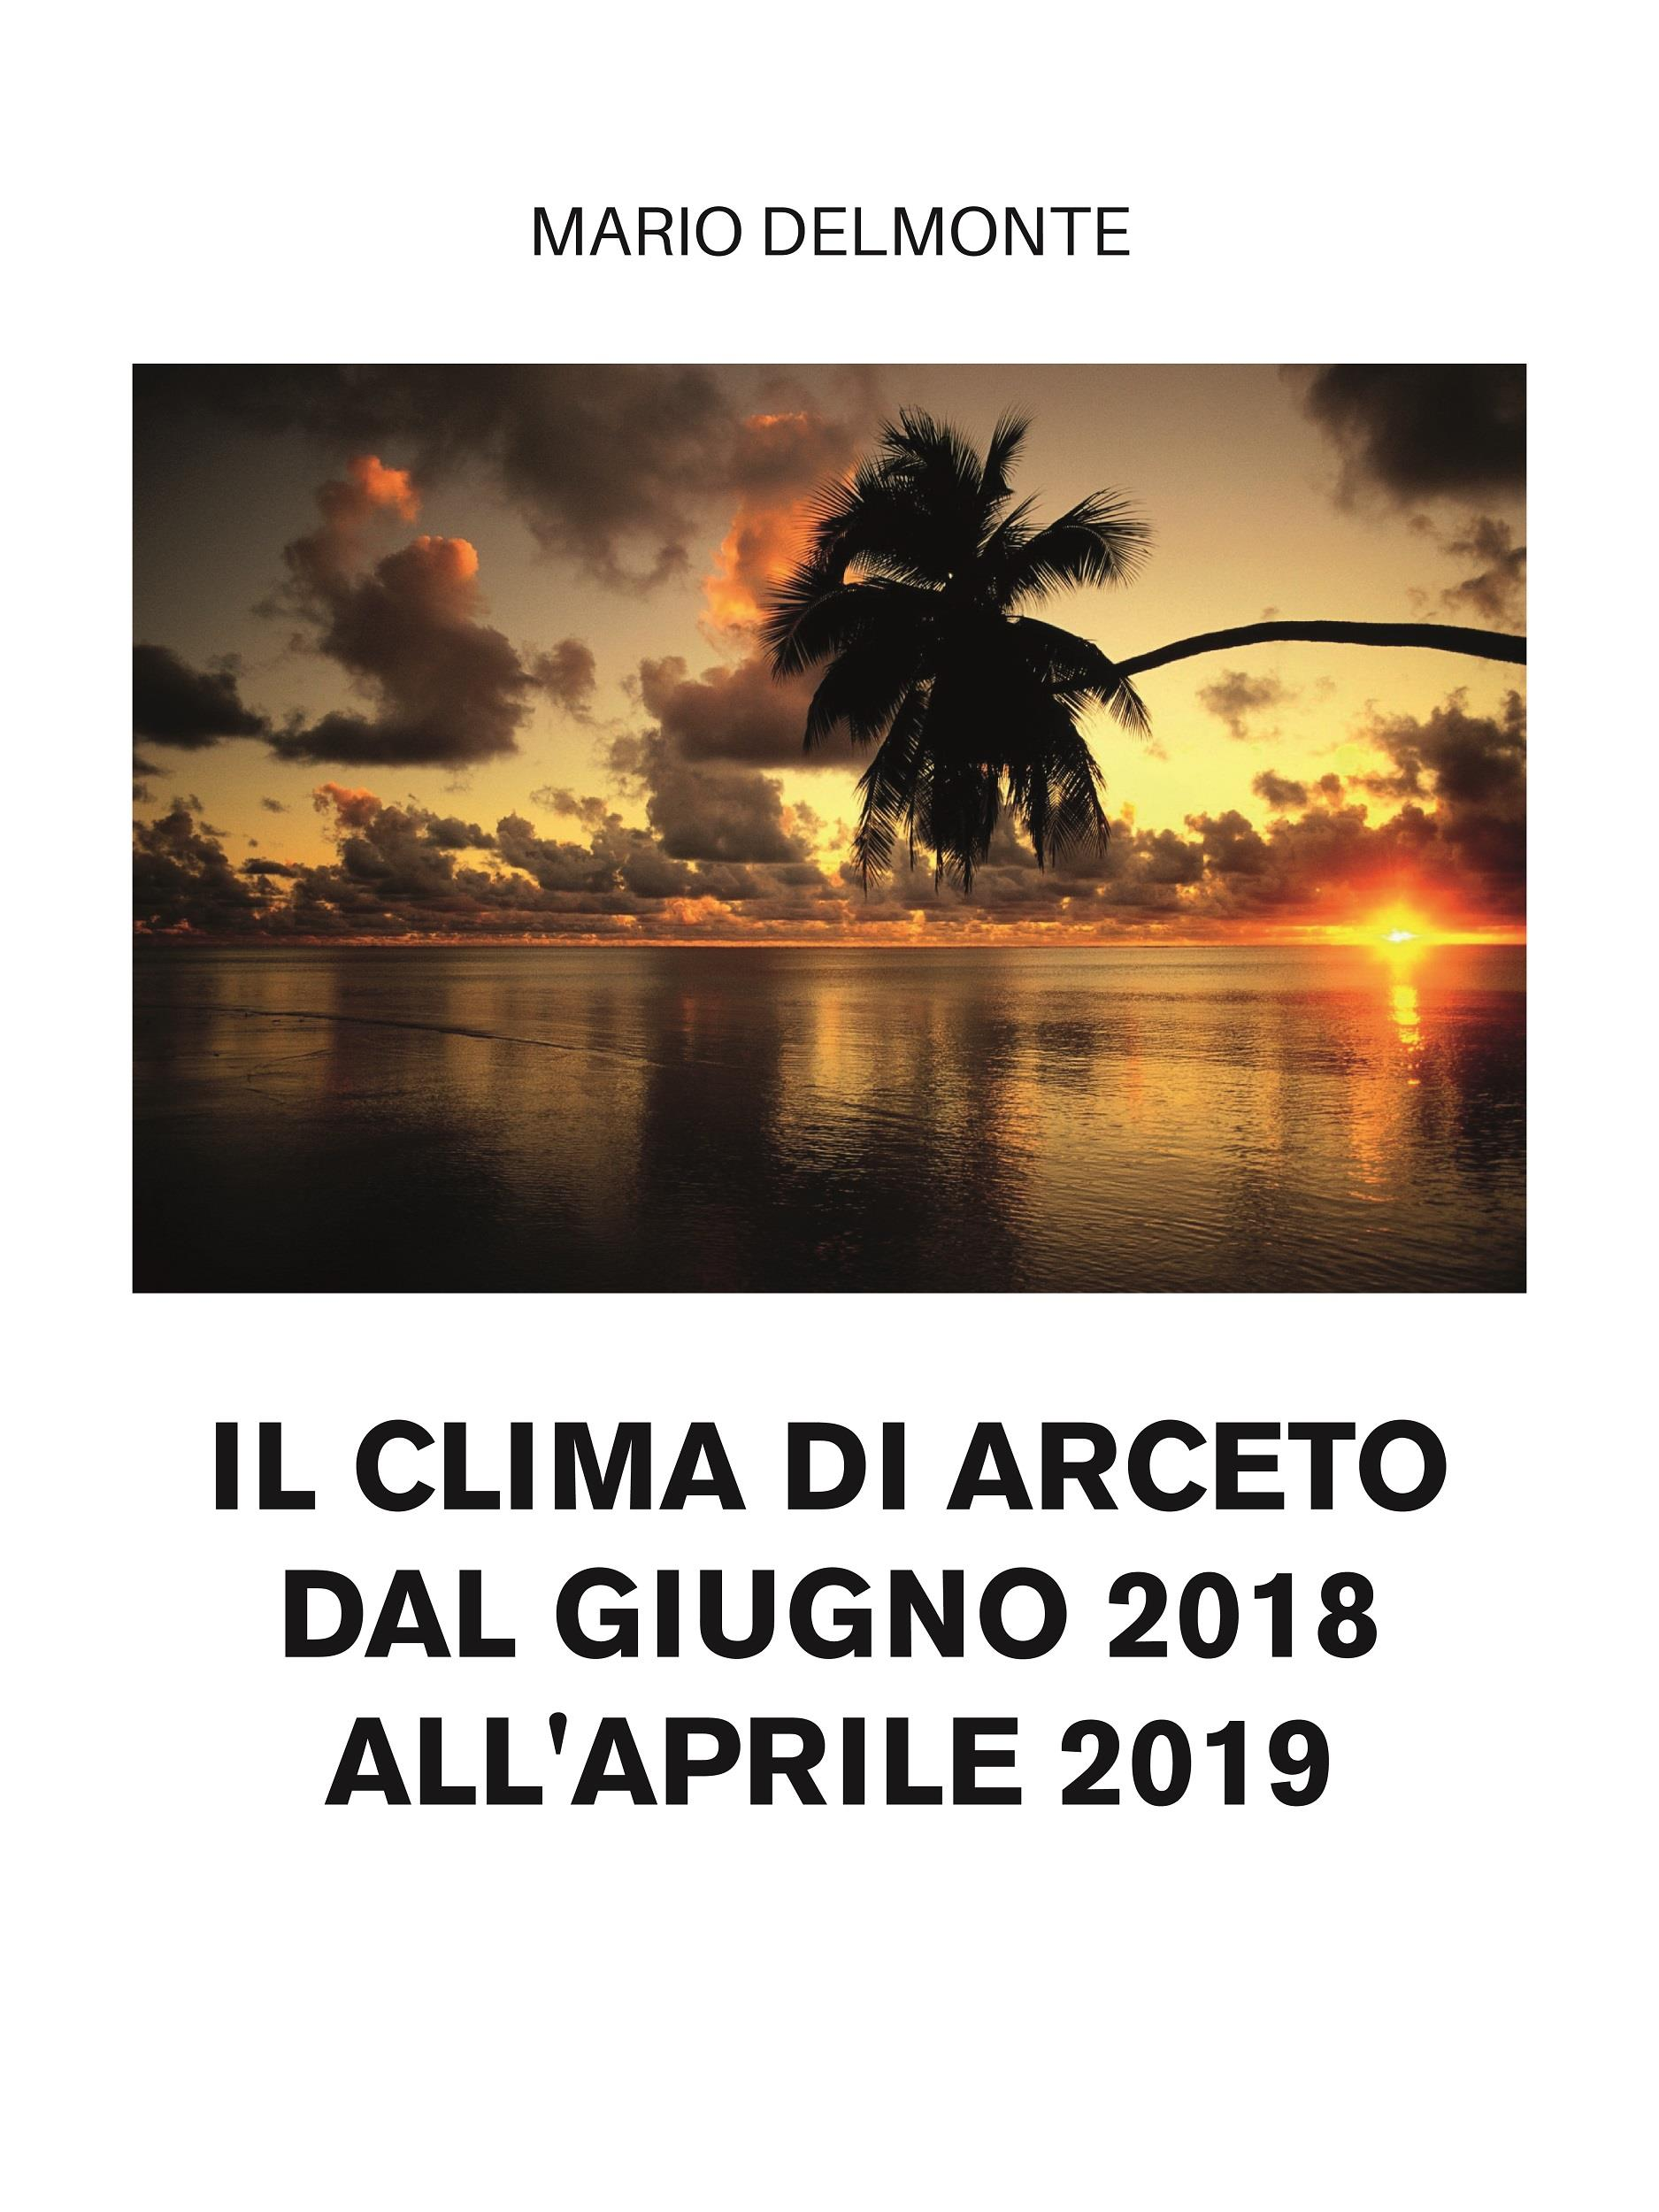 il clima di arceto dal giugno 2018 all'aprile 2019